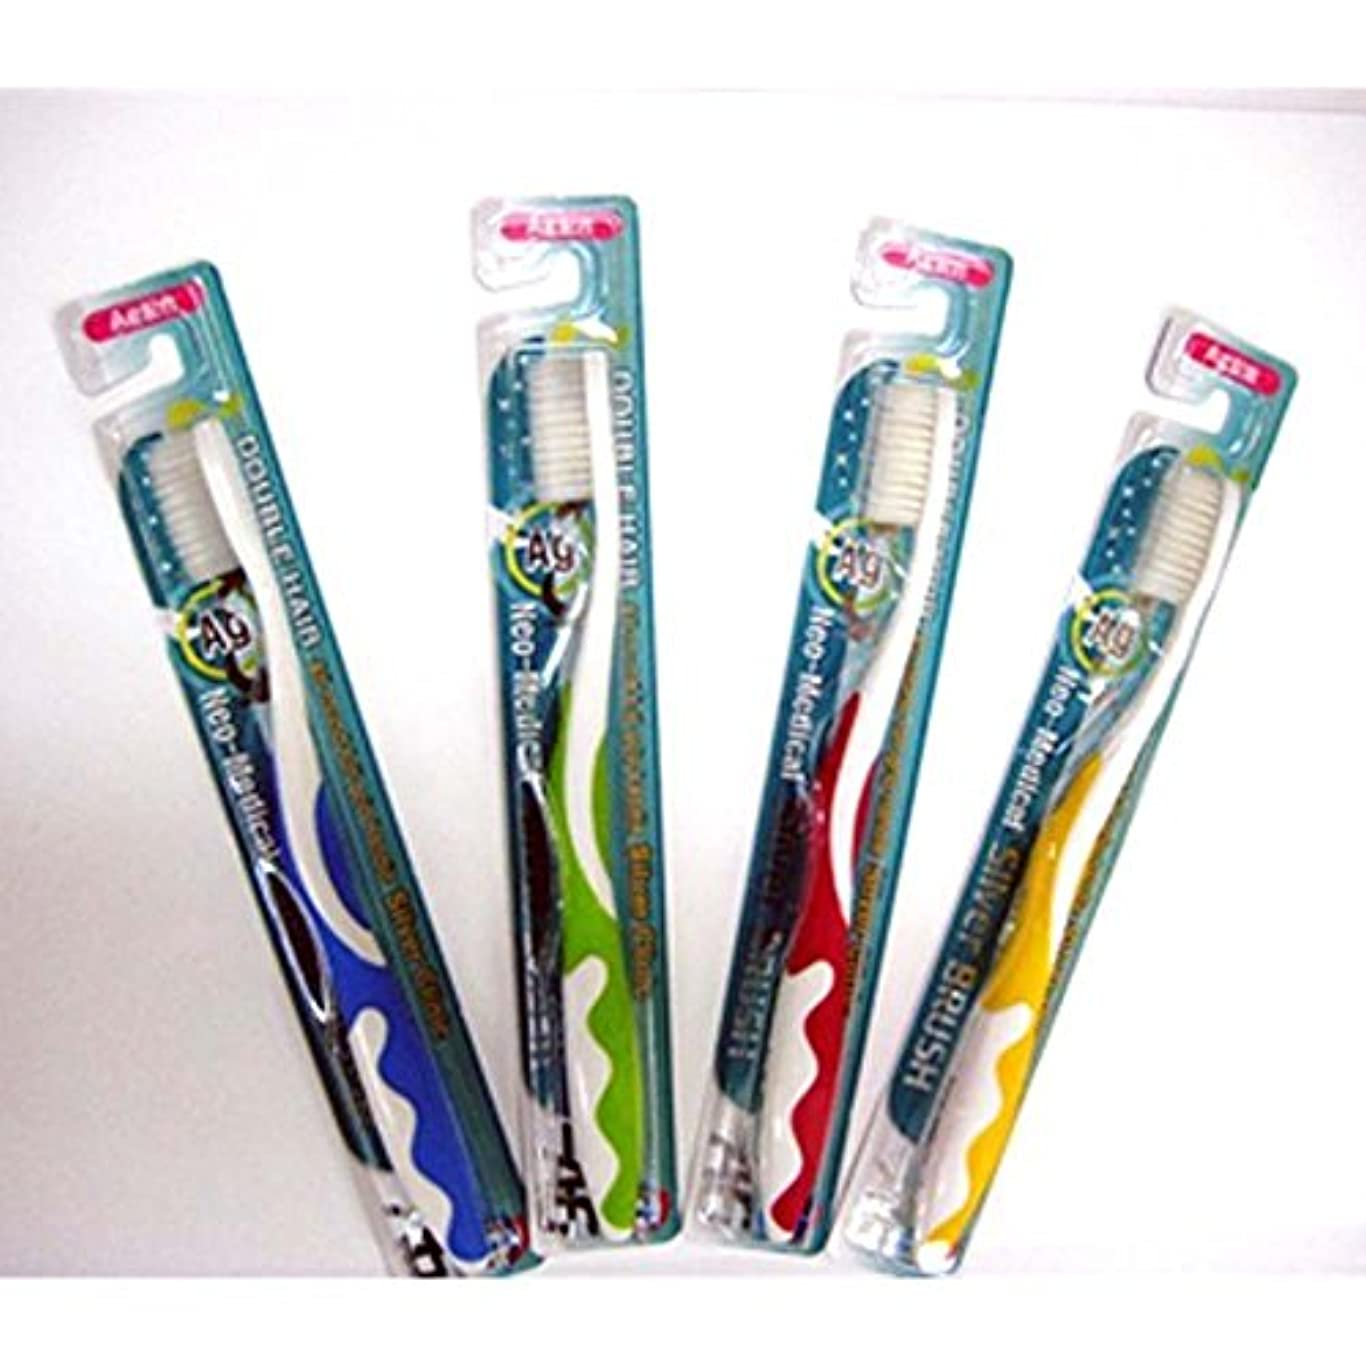 許容できる元に戻す減らすネオG-1シルバー歯ブラシ 4色セット